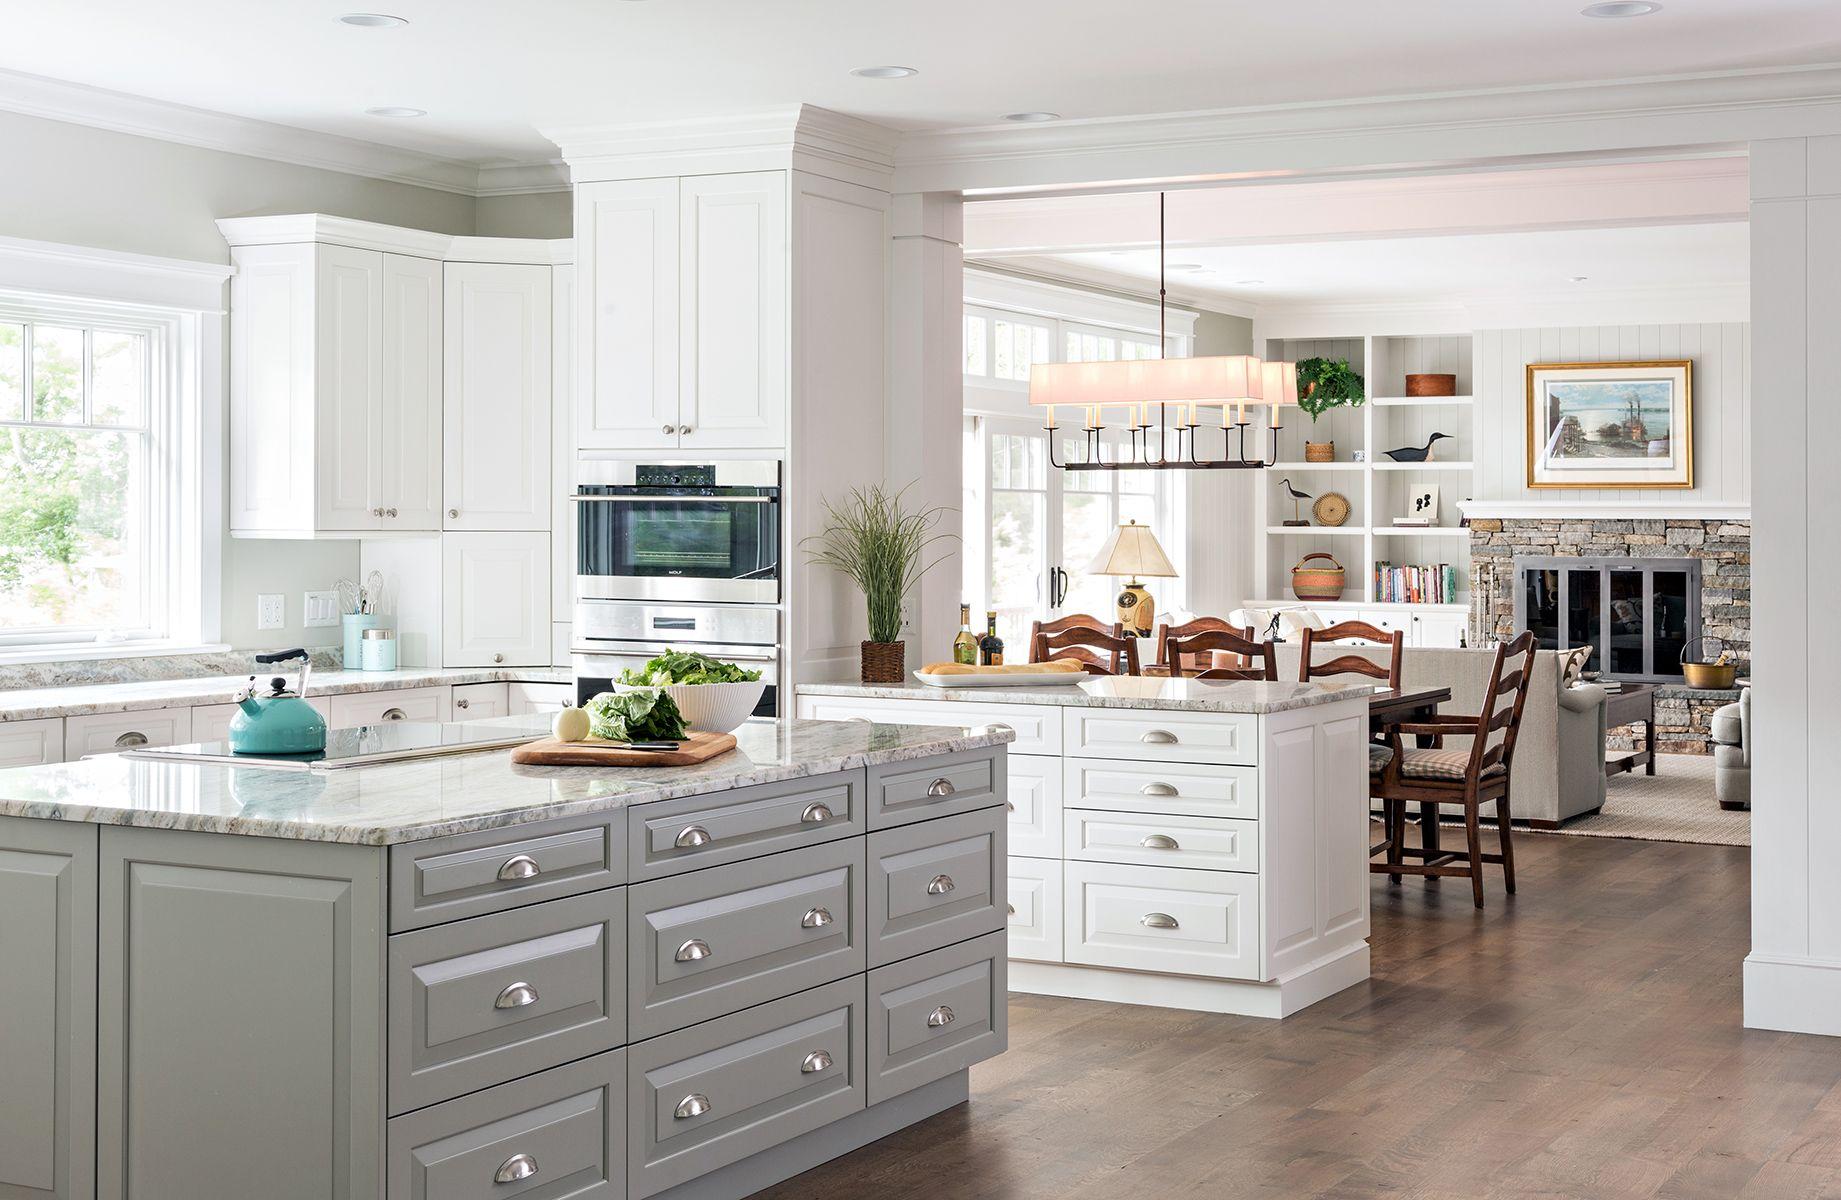 kitchens classic kitchen interiors classic kitchens on kitchen interior classic id=48014